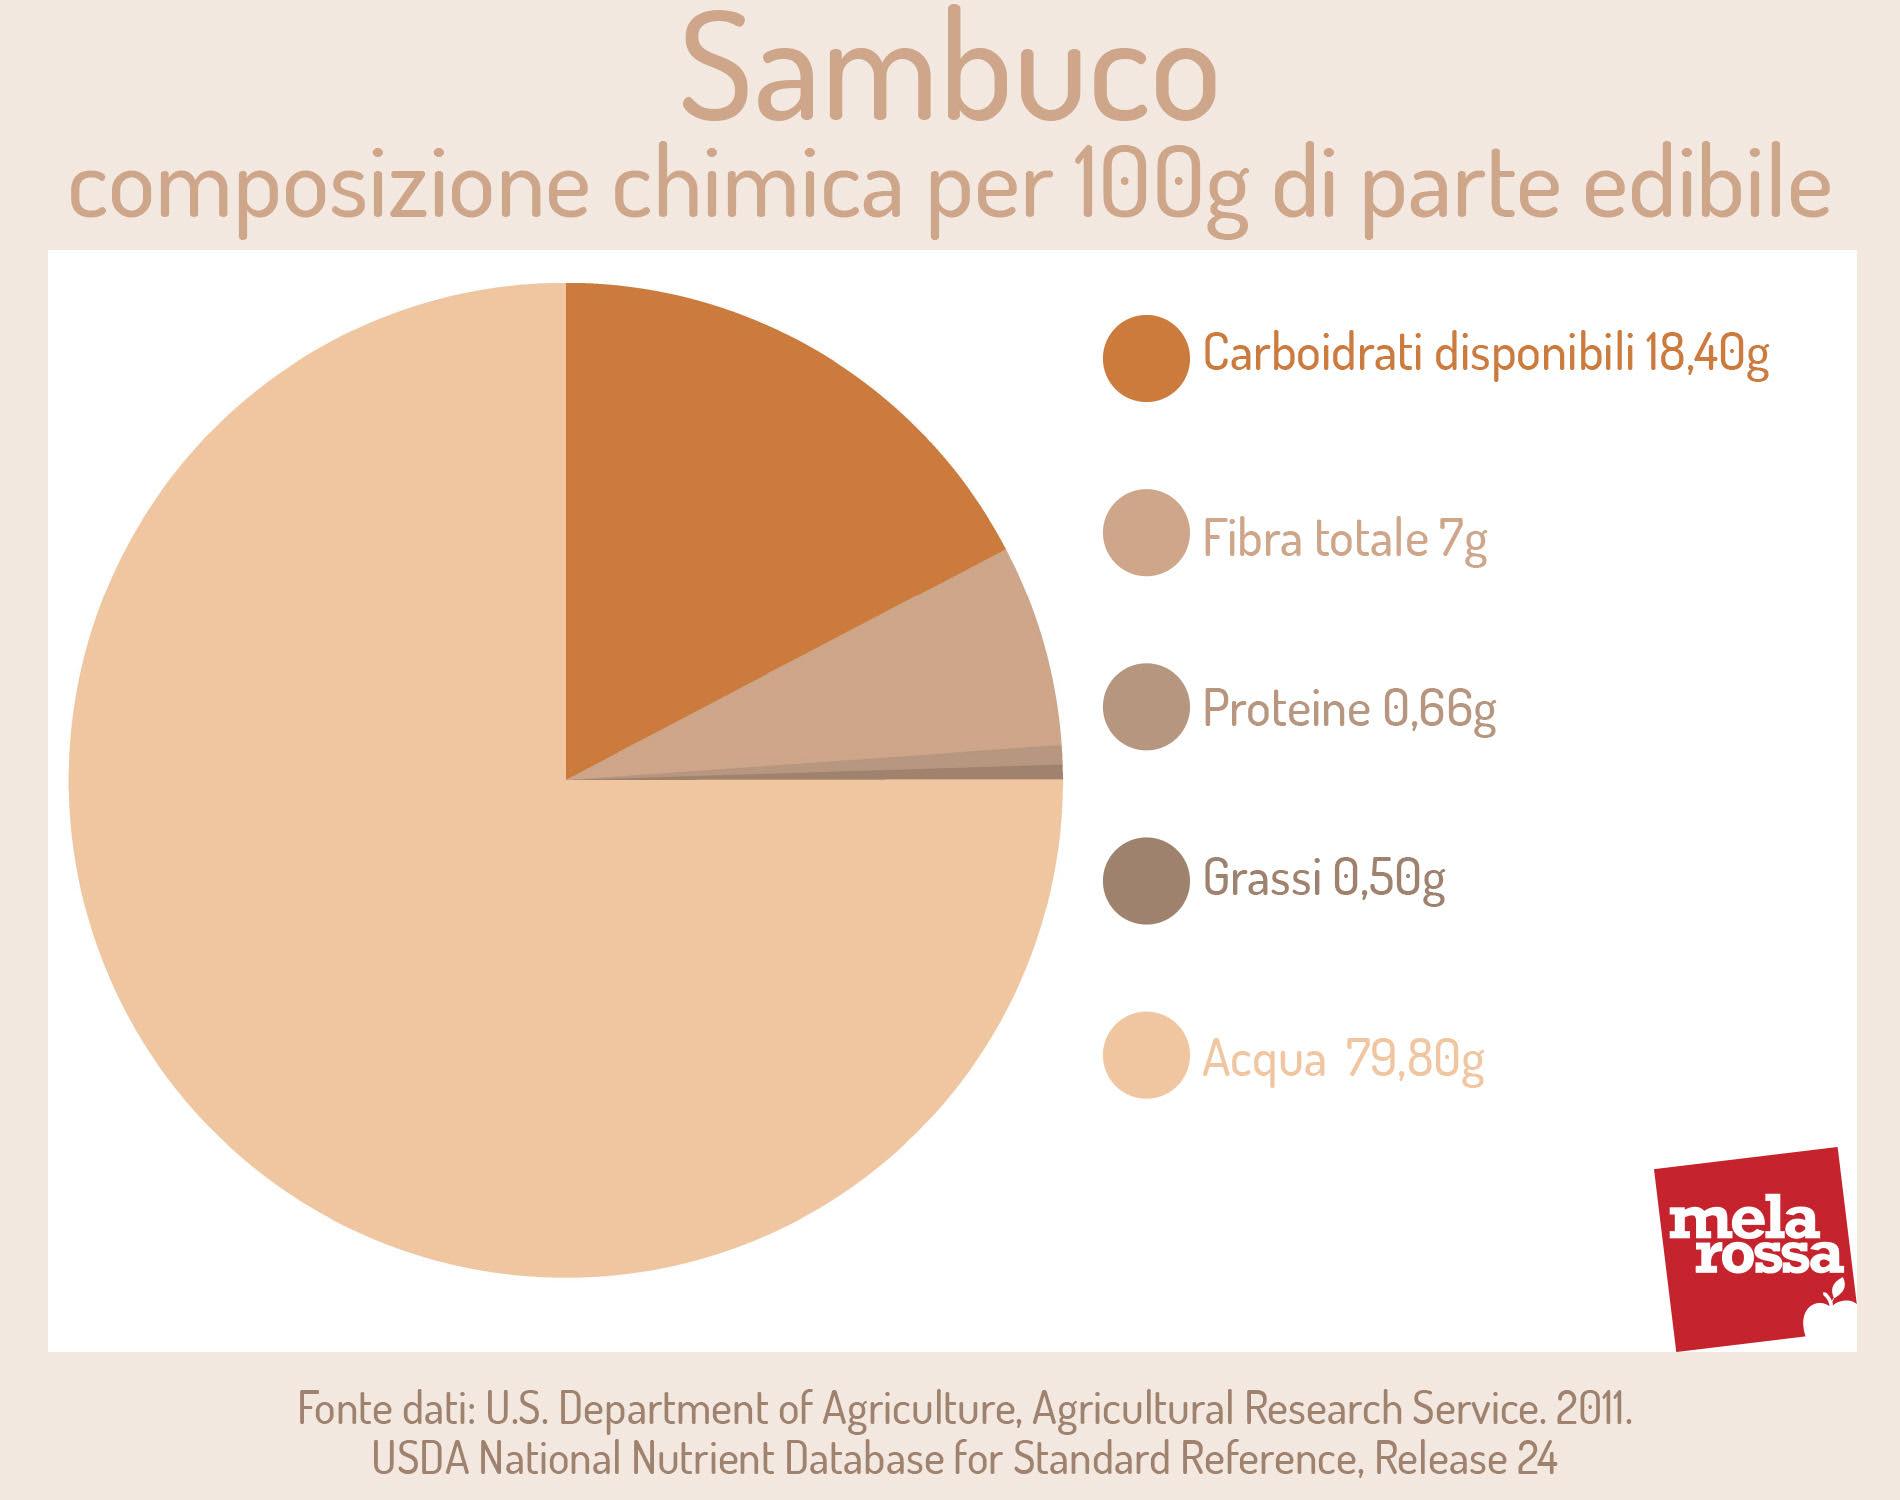 Sambuco: composizione chimica